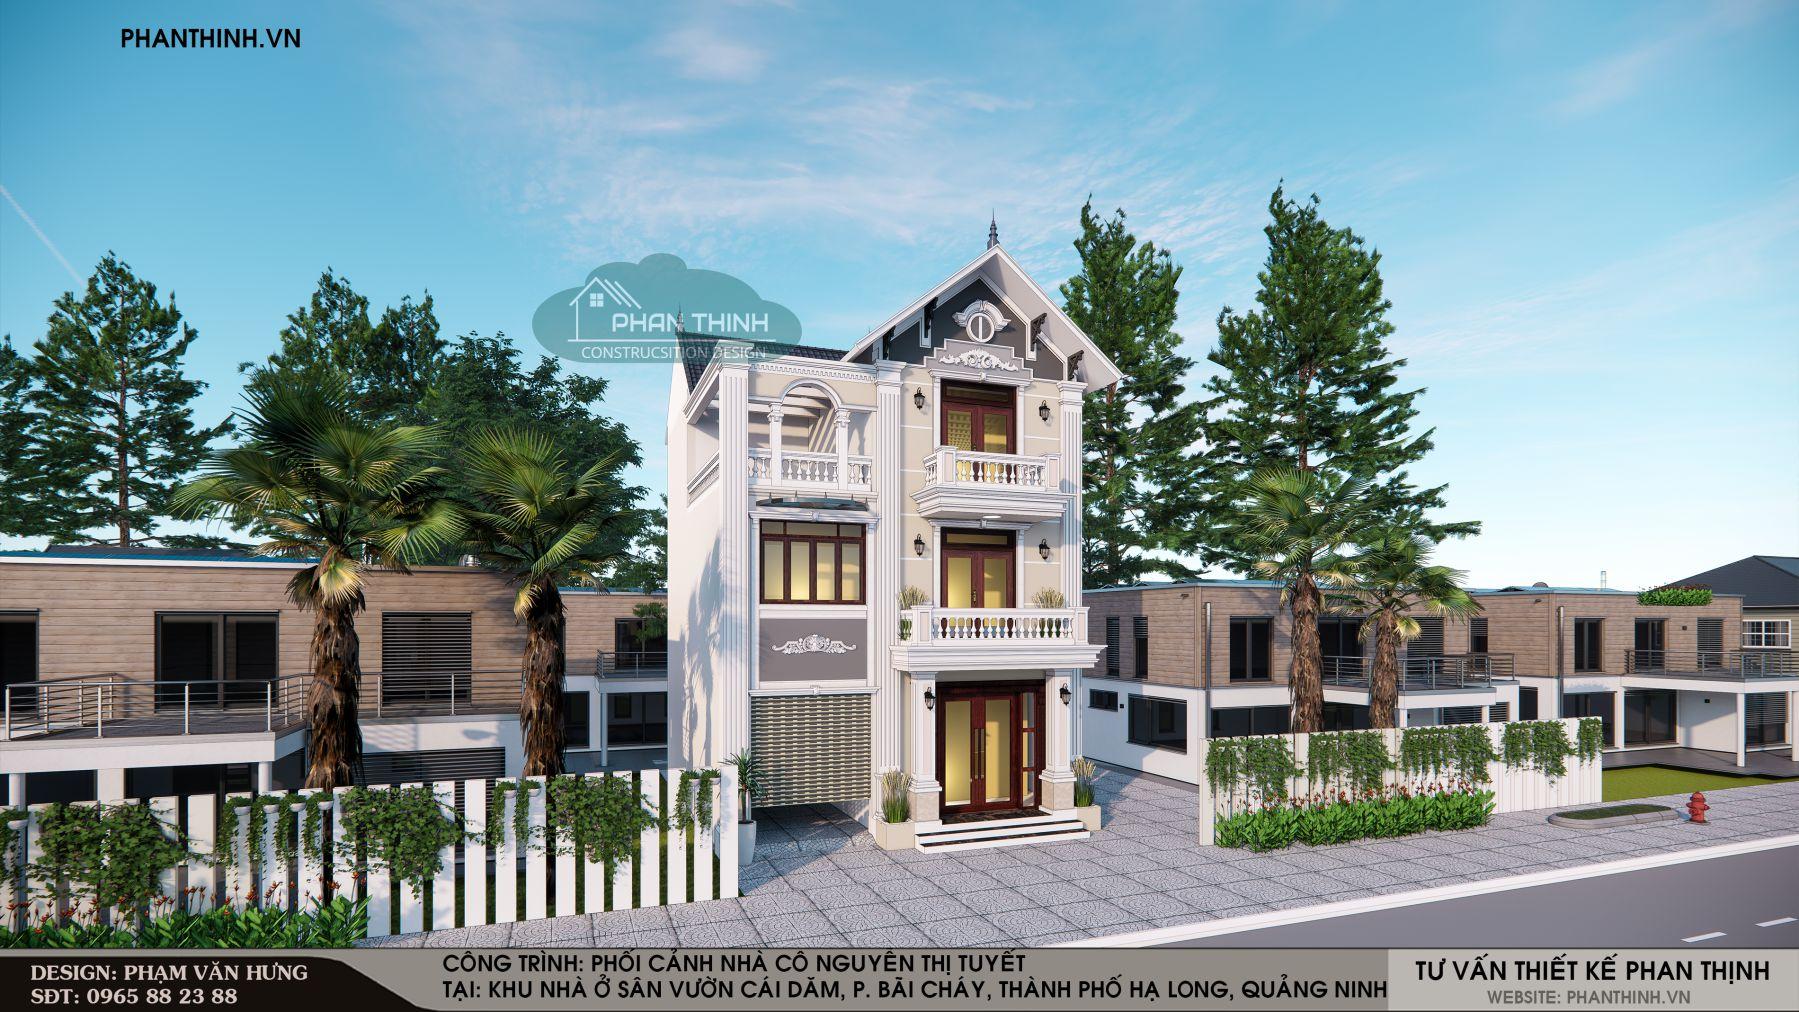 Mẫu mặt tiền nhà 3 tầng mái thái đẹp tại khu Cái Dăm, phường Bãi Cháy